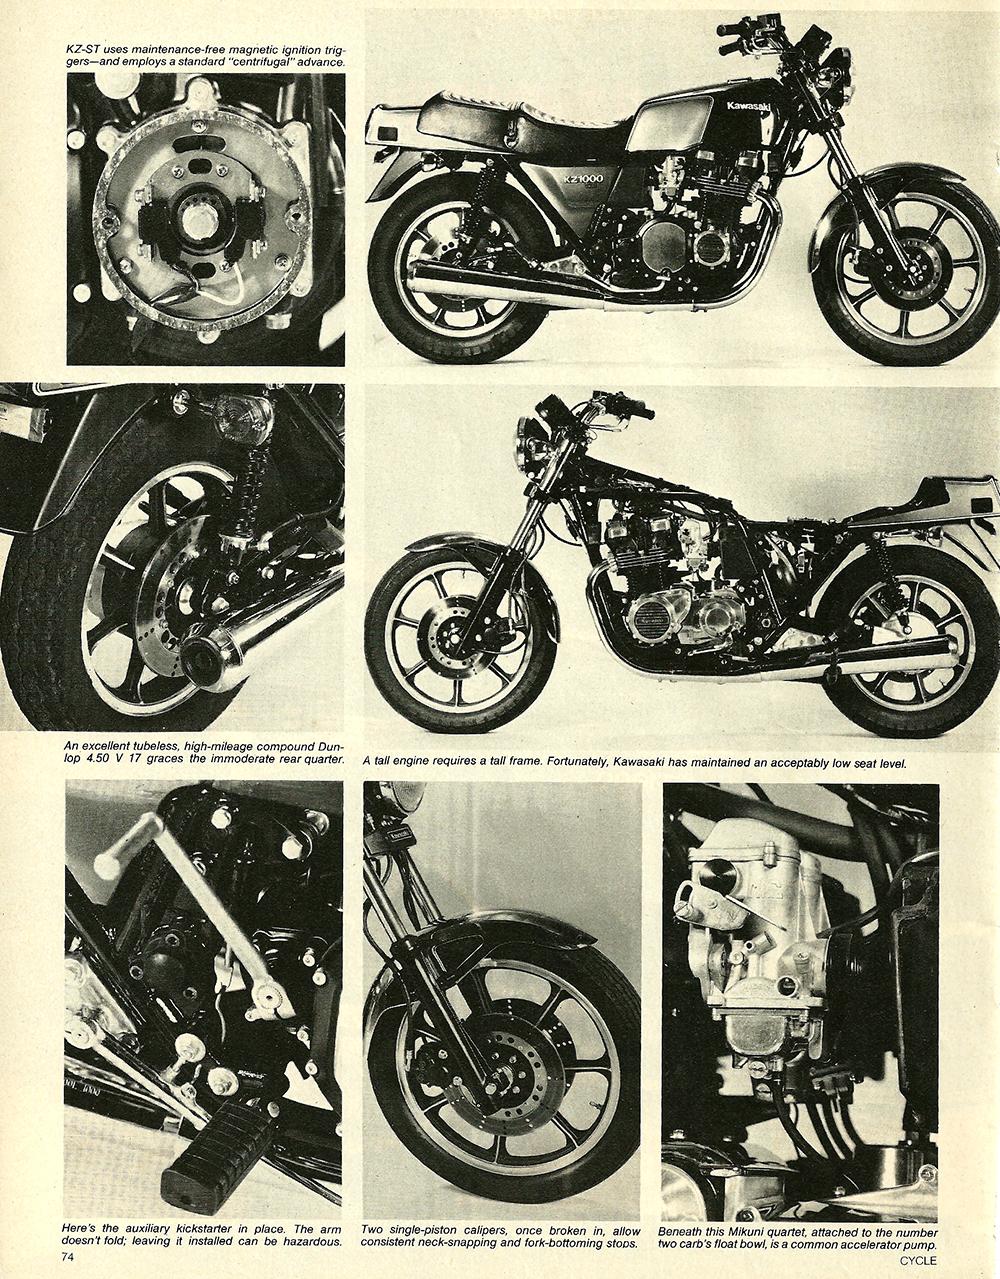 1979 Kawasaki KZ1000 ST road test 03.jpg